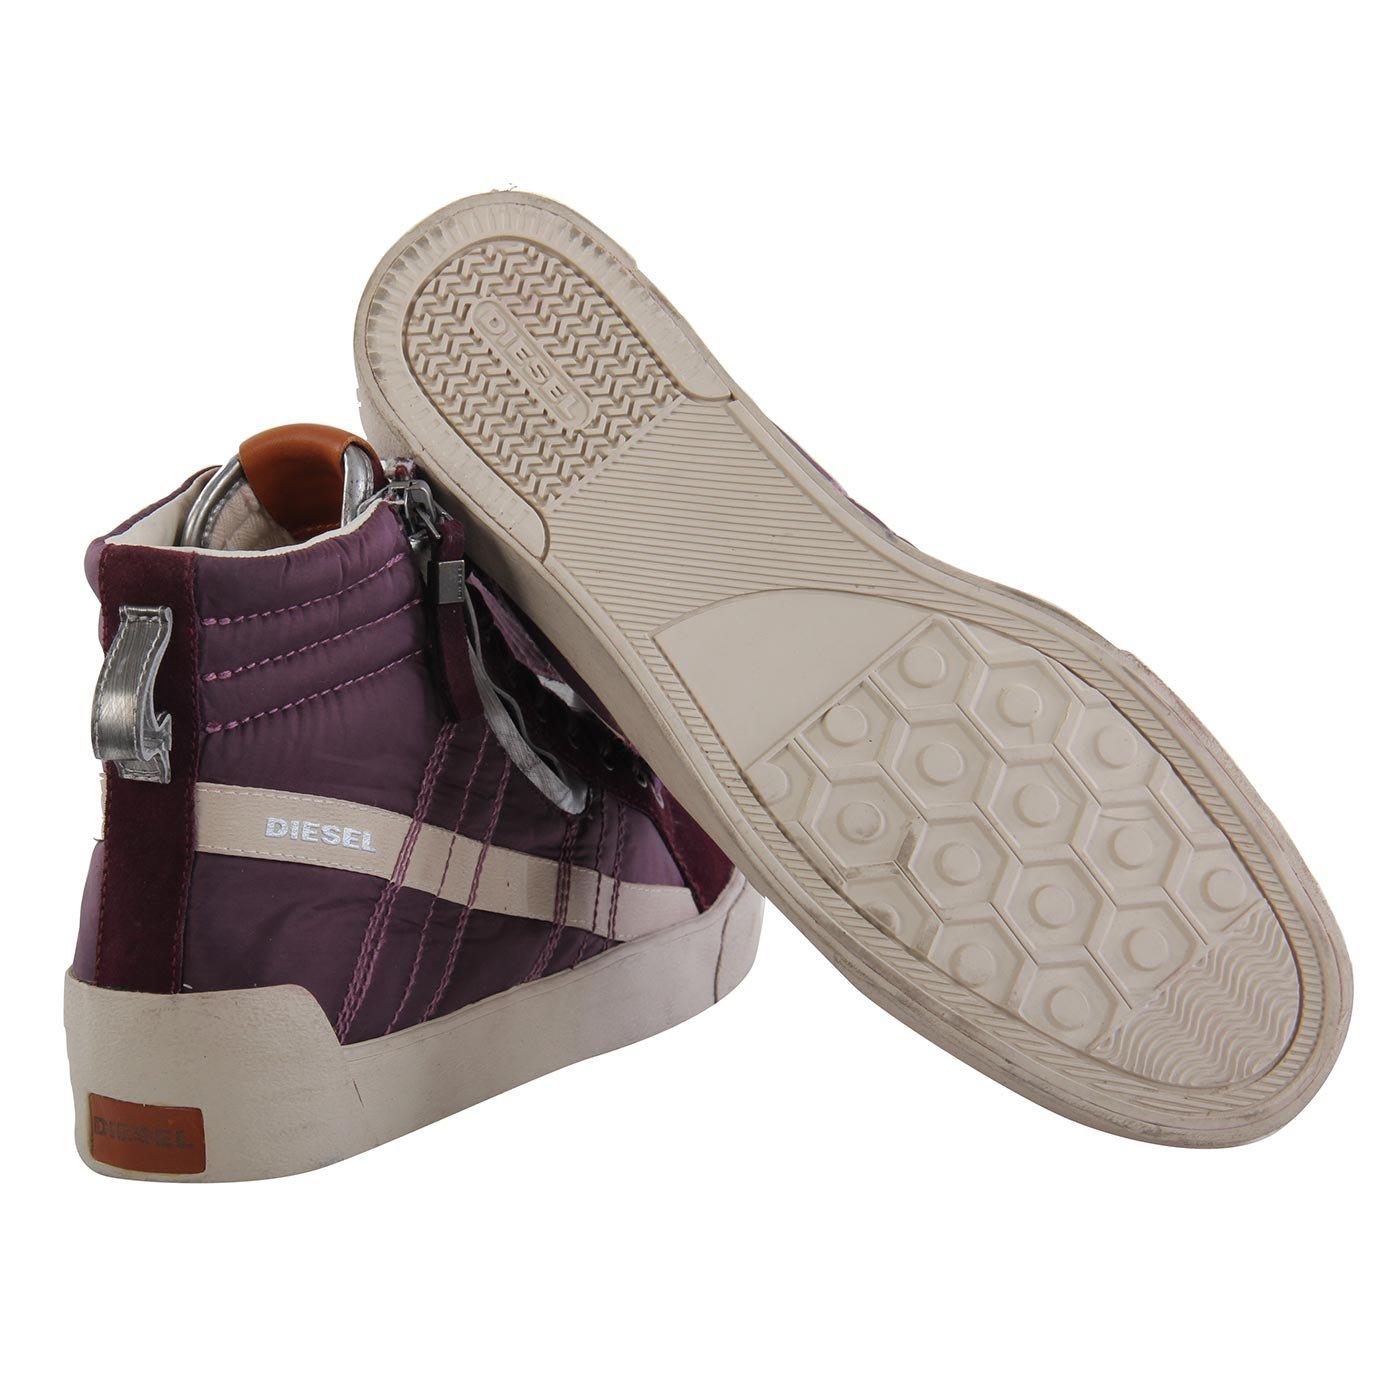 52abd2b8233c DIESEL Herren Teil Leder High Sneaker Schuhe D-String Plus Purple G01169  Größe 43  Amazon.de  Schuhe   Handtaschen